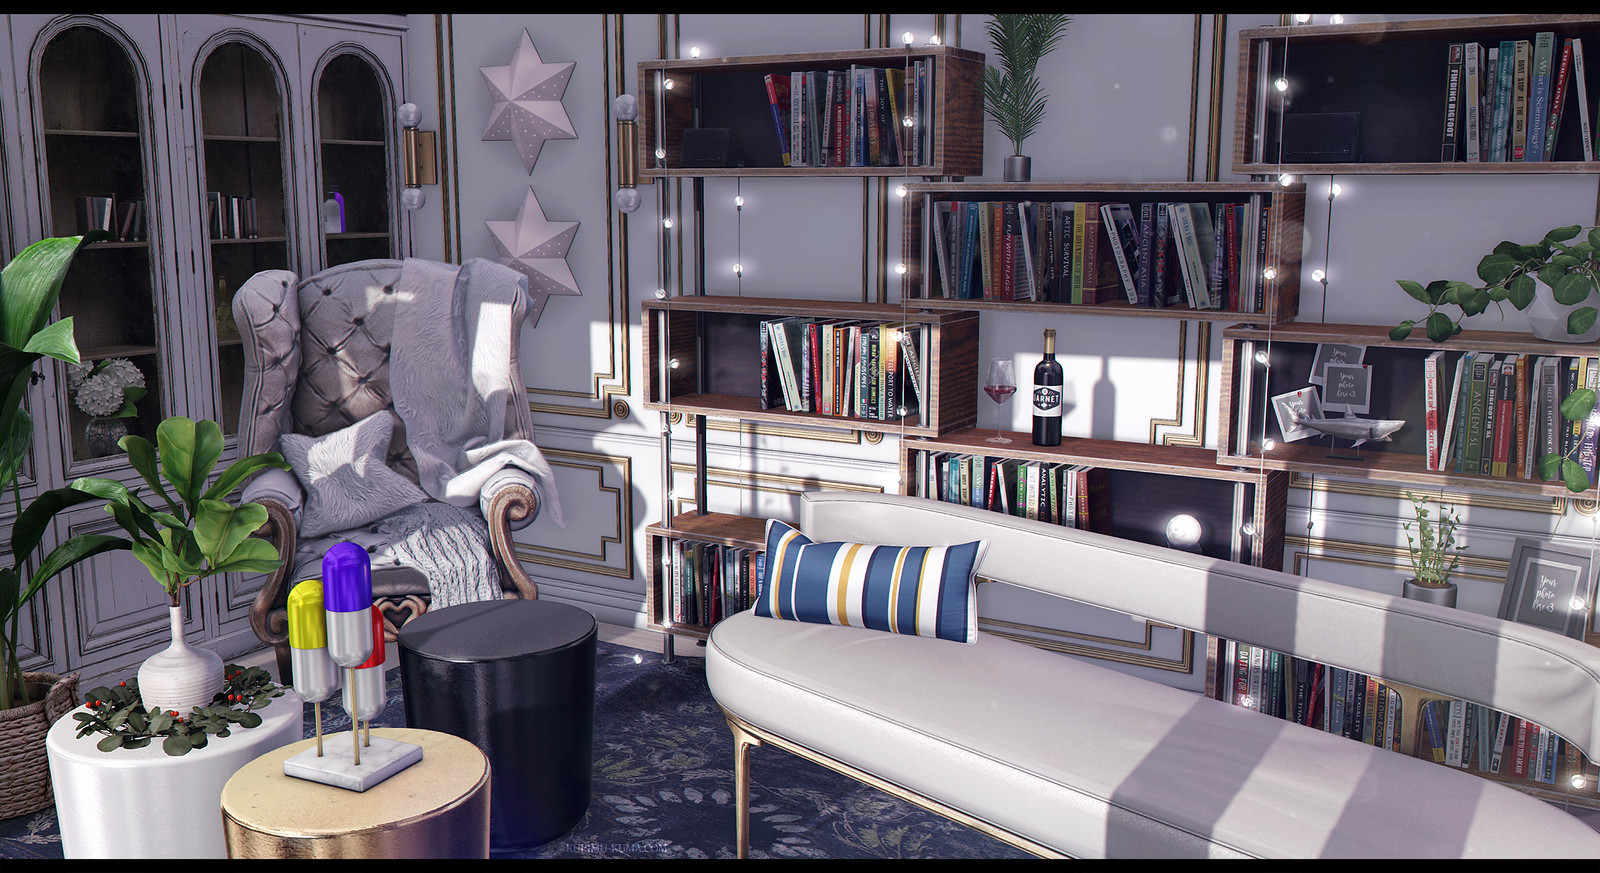 It's a living room - Kurimu Kuma